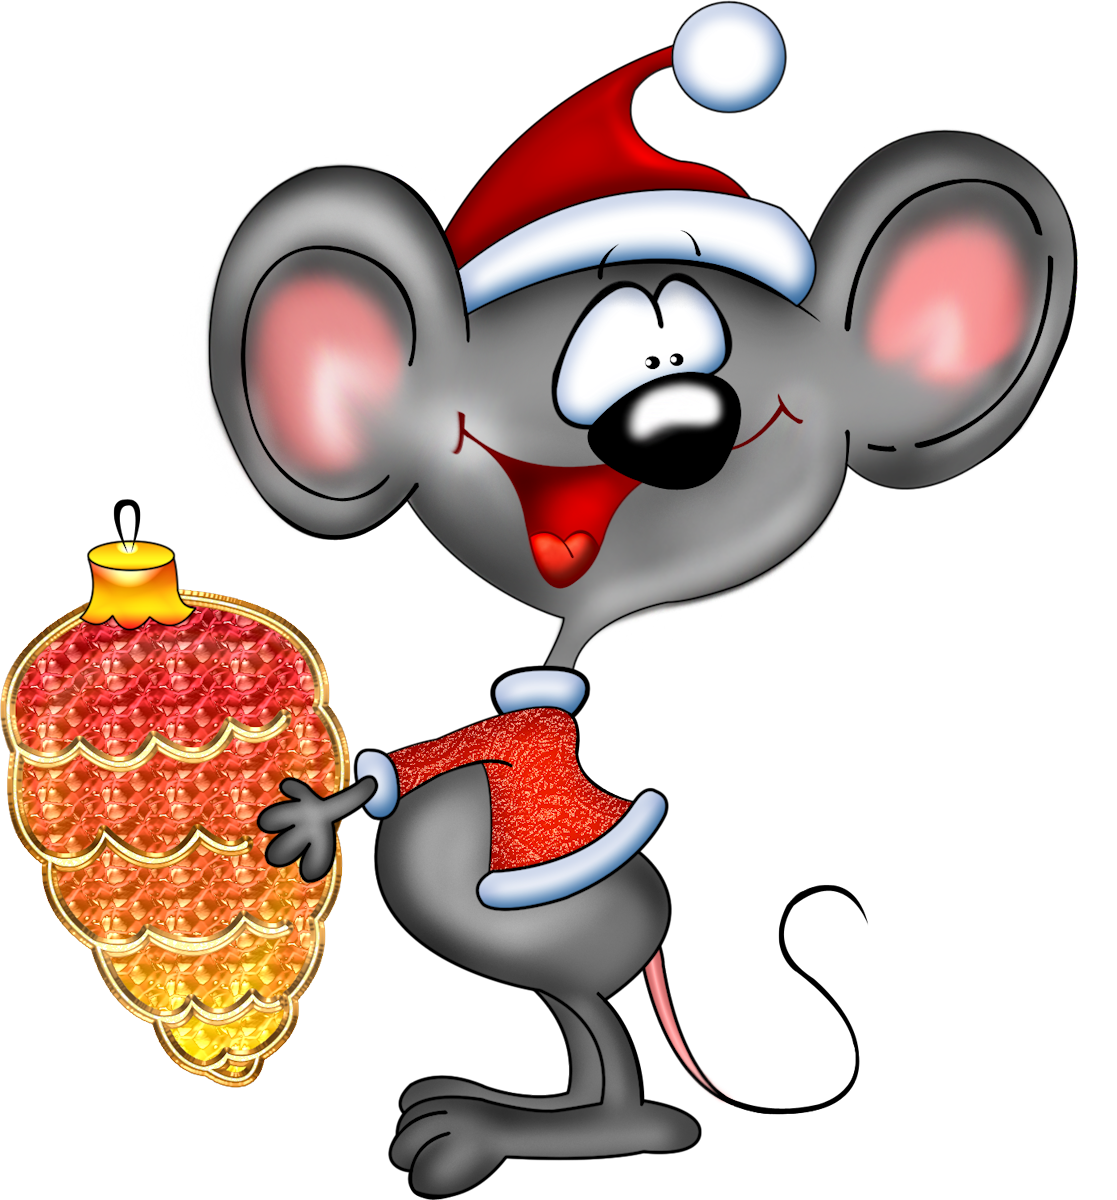 Картинка мышка прикольная новогодняя